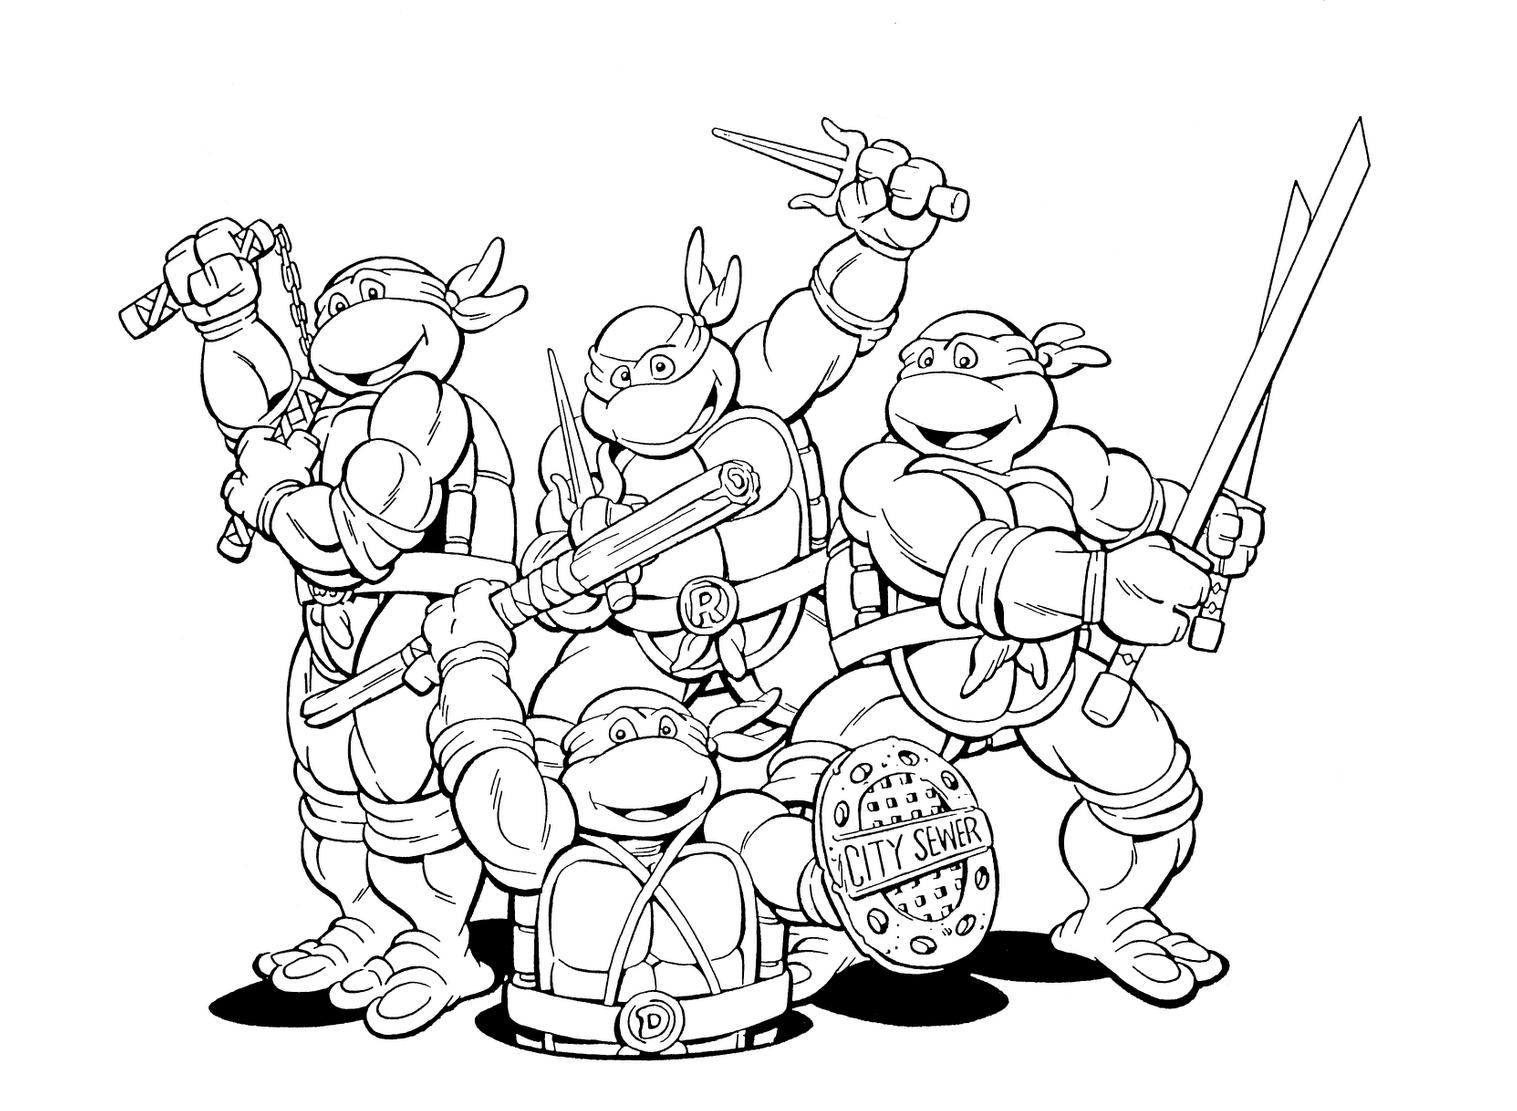 Nickelodeon Ninja Turtles Coloring Pages